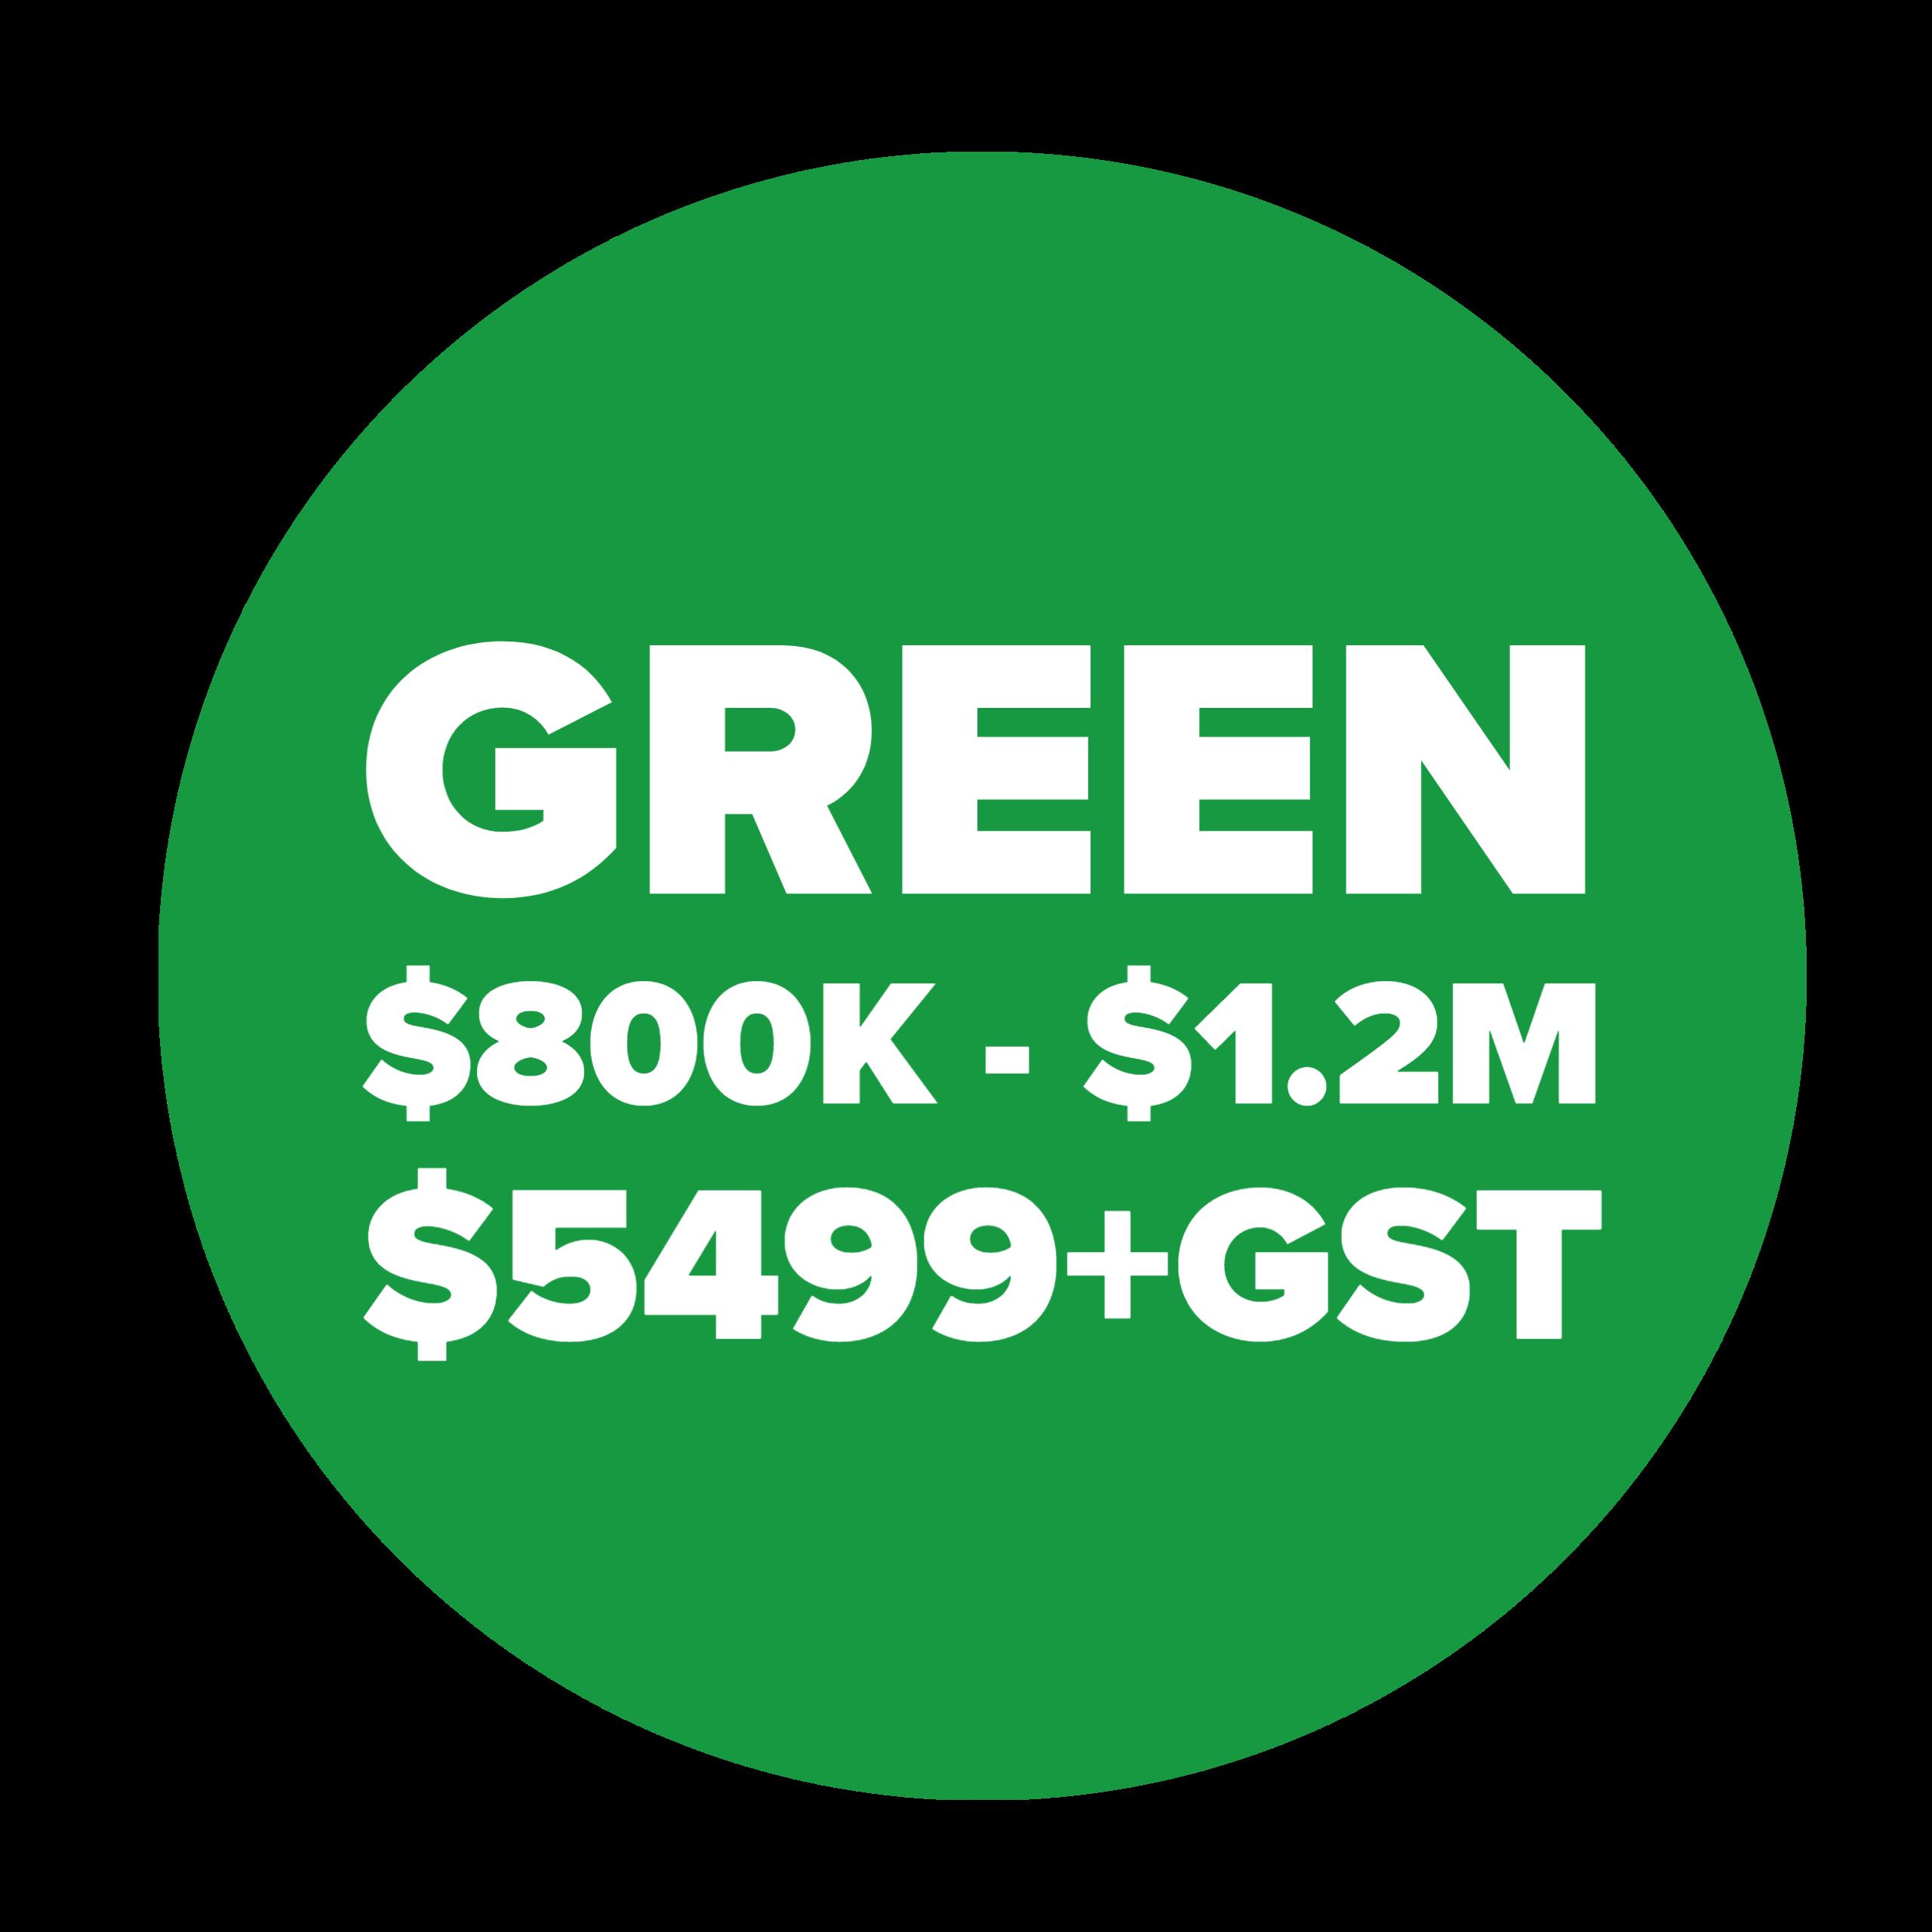 Green Campaign $5499